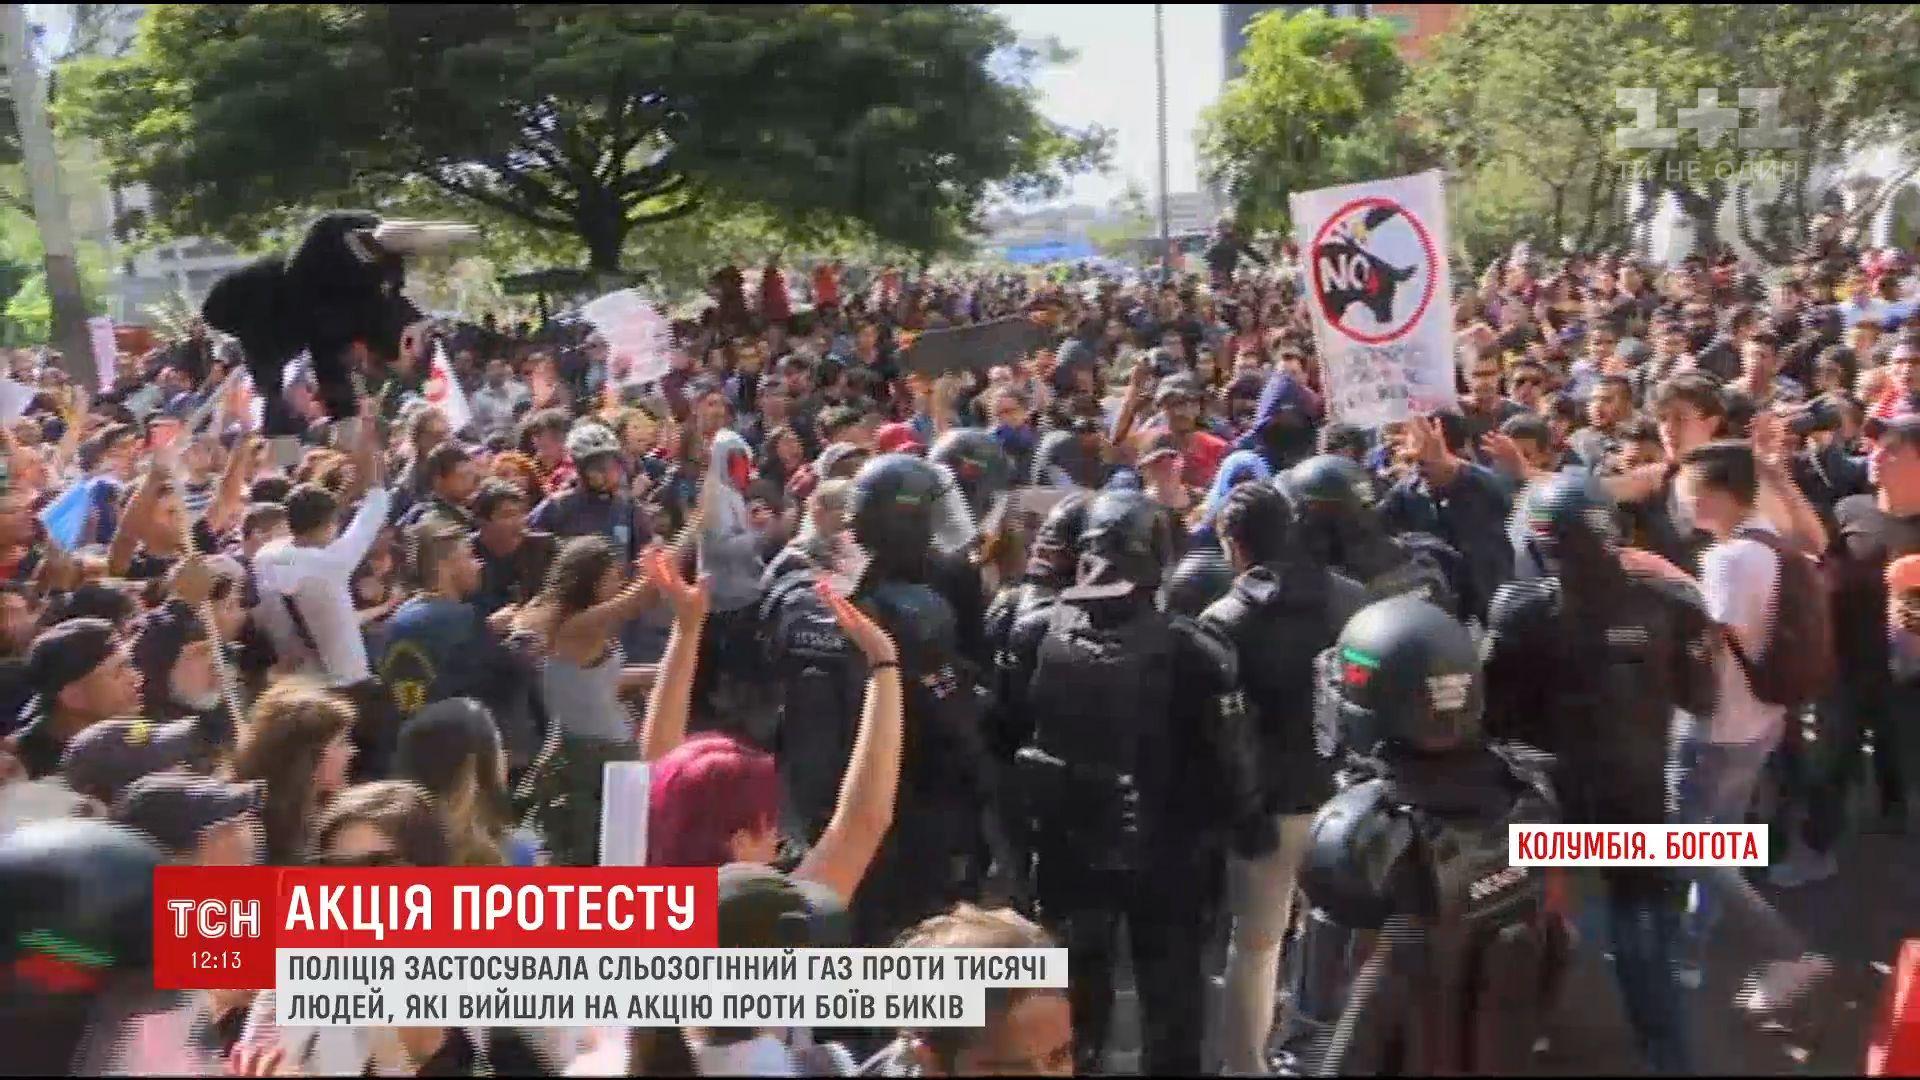 В Колумбии протесты защитников животных закончились кровавыми столкновениями с полицией /